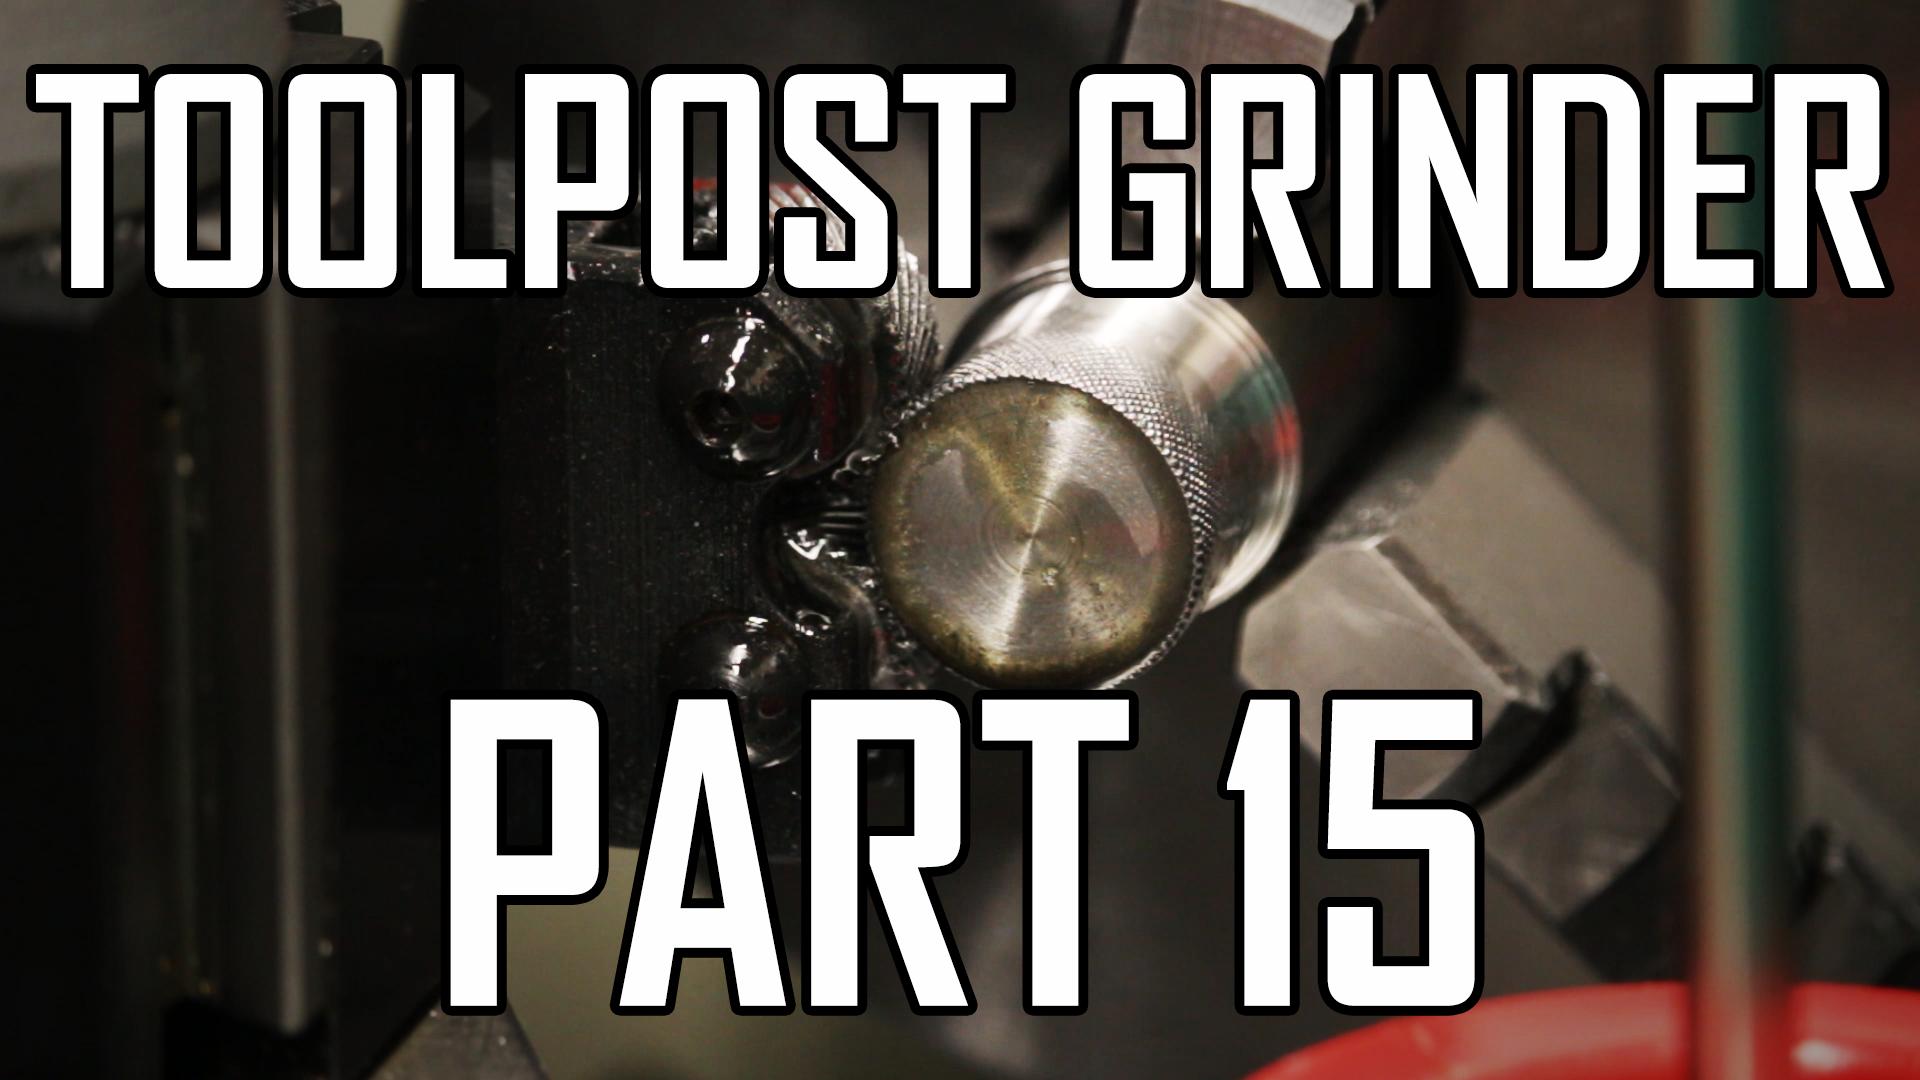 Toolpost Grinder Part 15: Height Adjuster